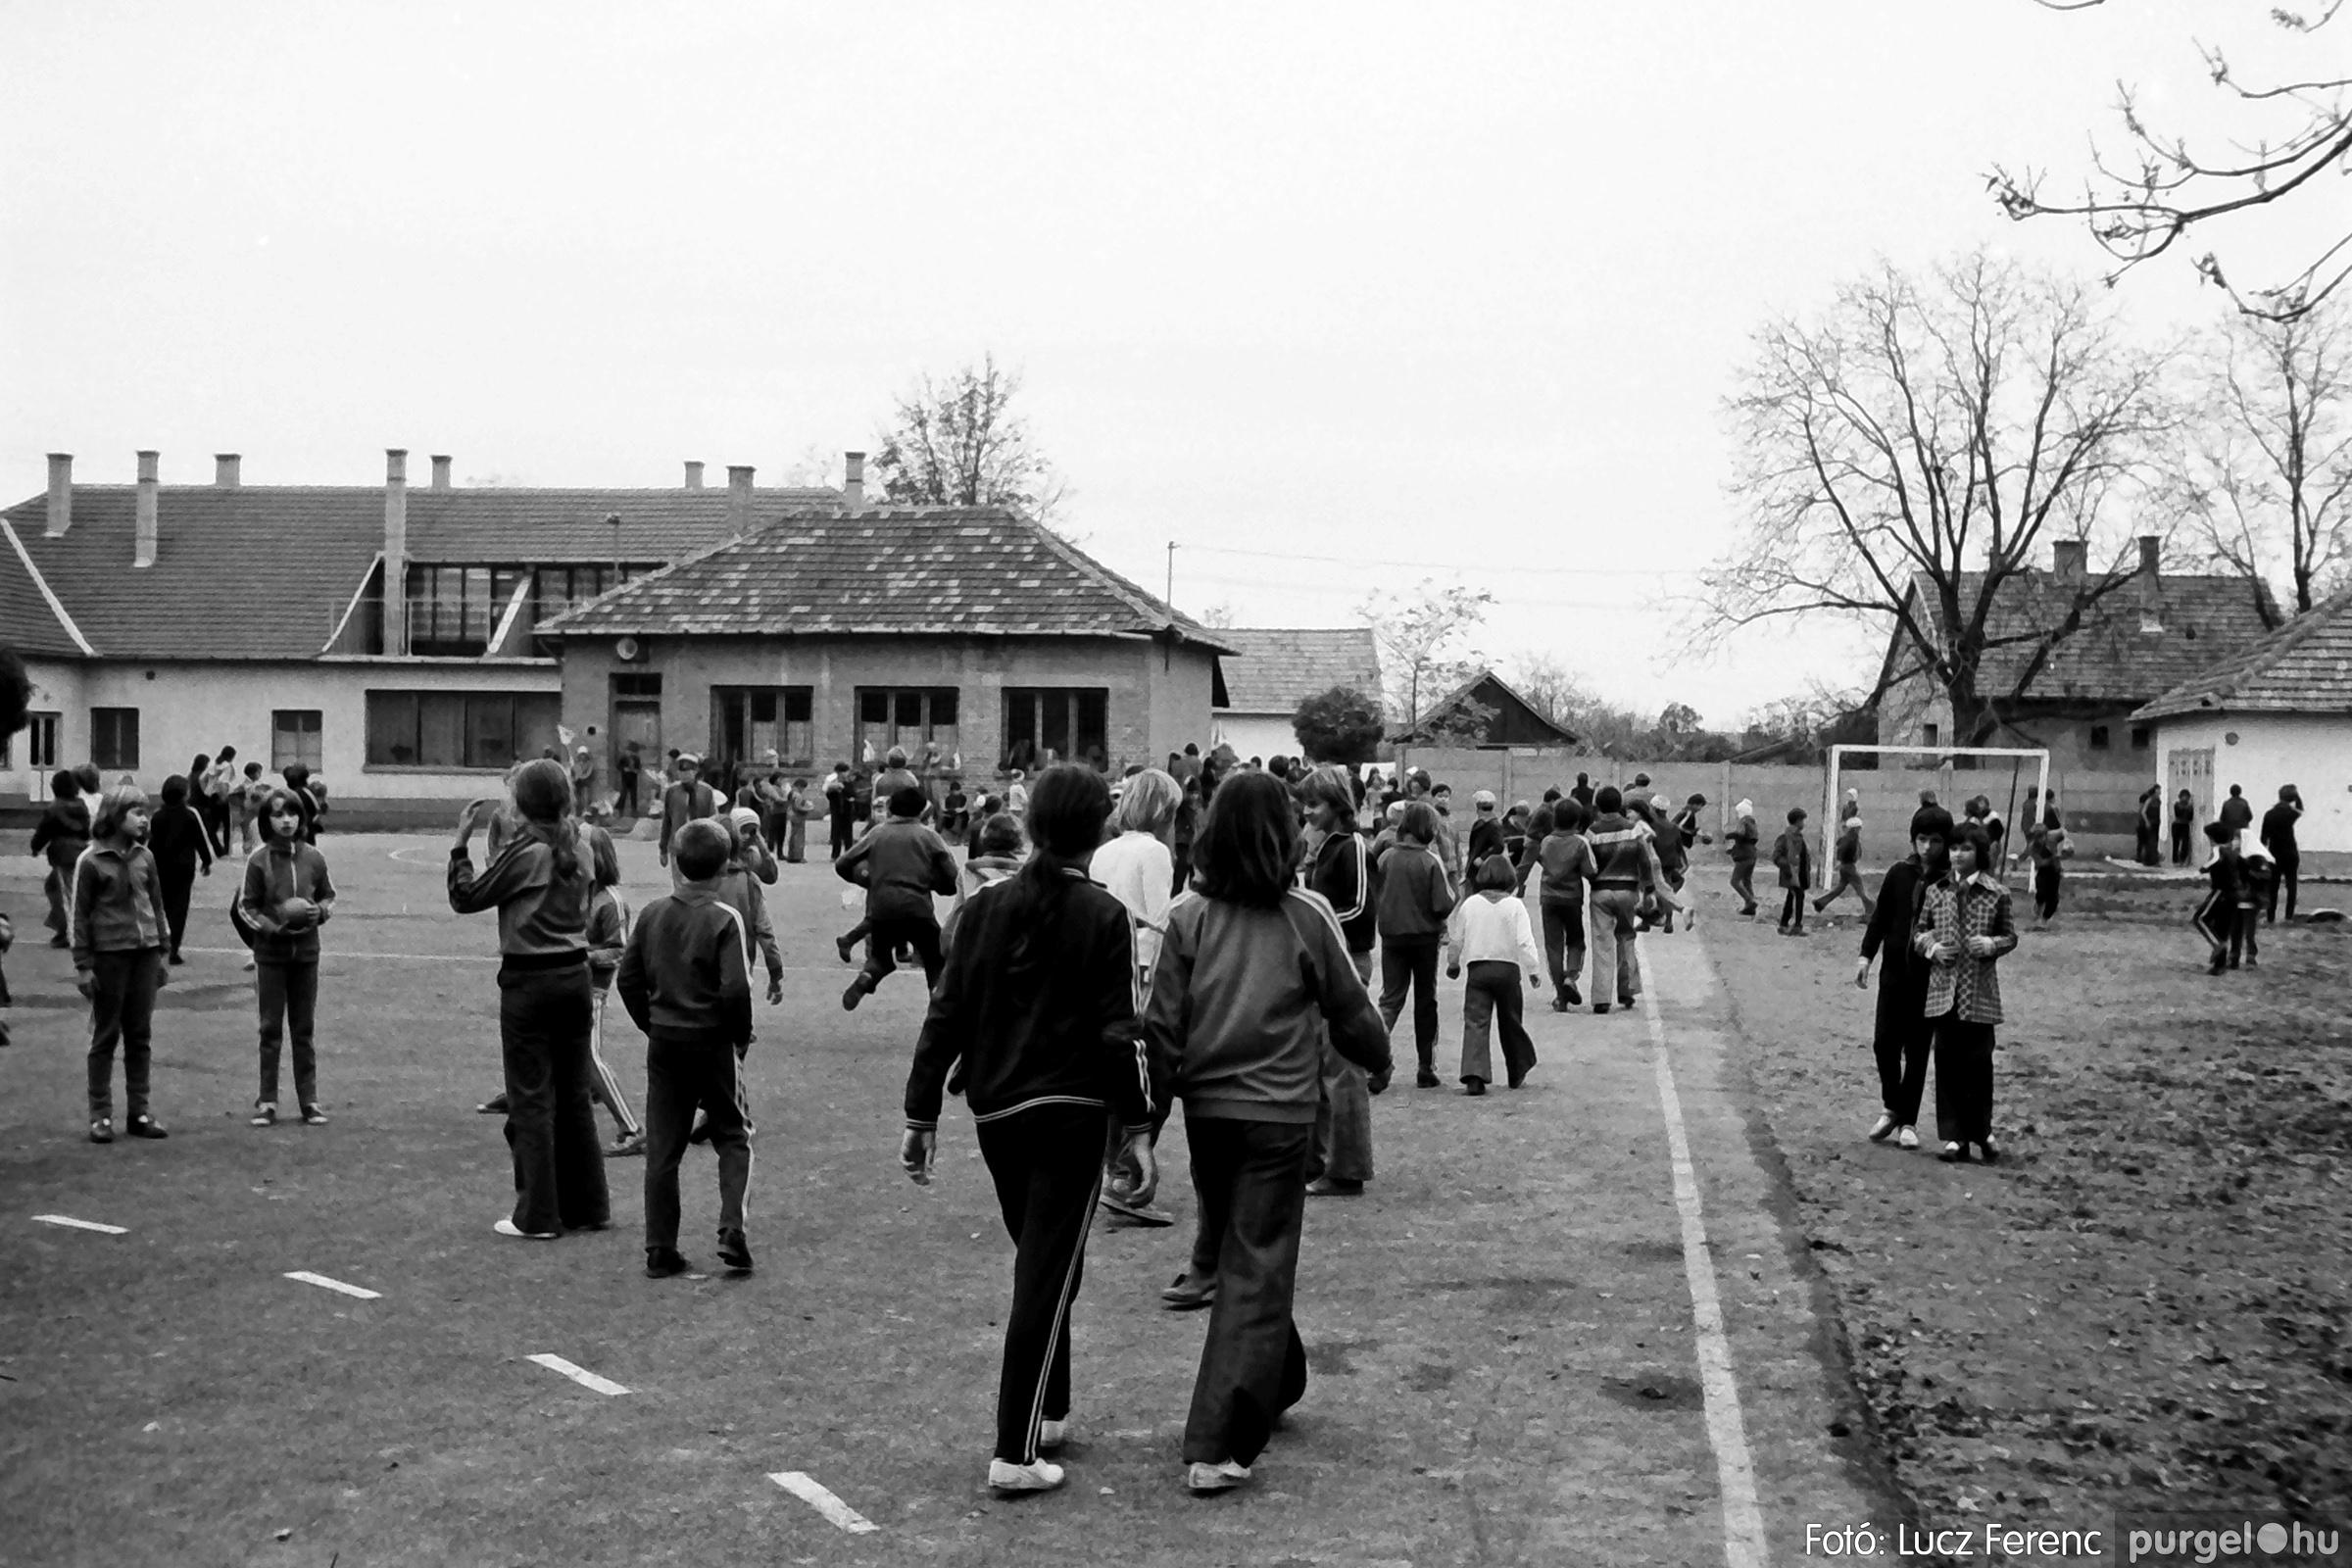 092. 1977. Úttörő rendezvény a Központi Általános Iskolában 007. - Fotó: Lucz Ferenc.jpg